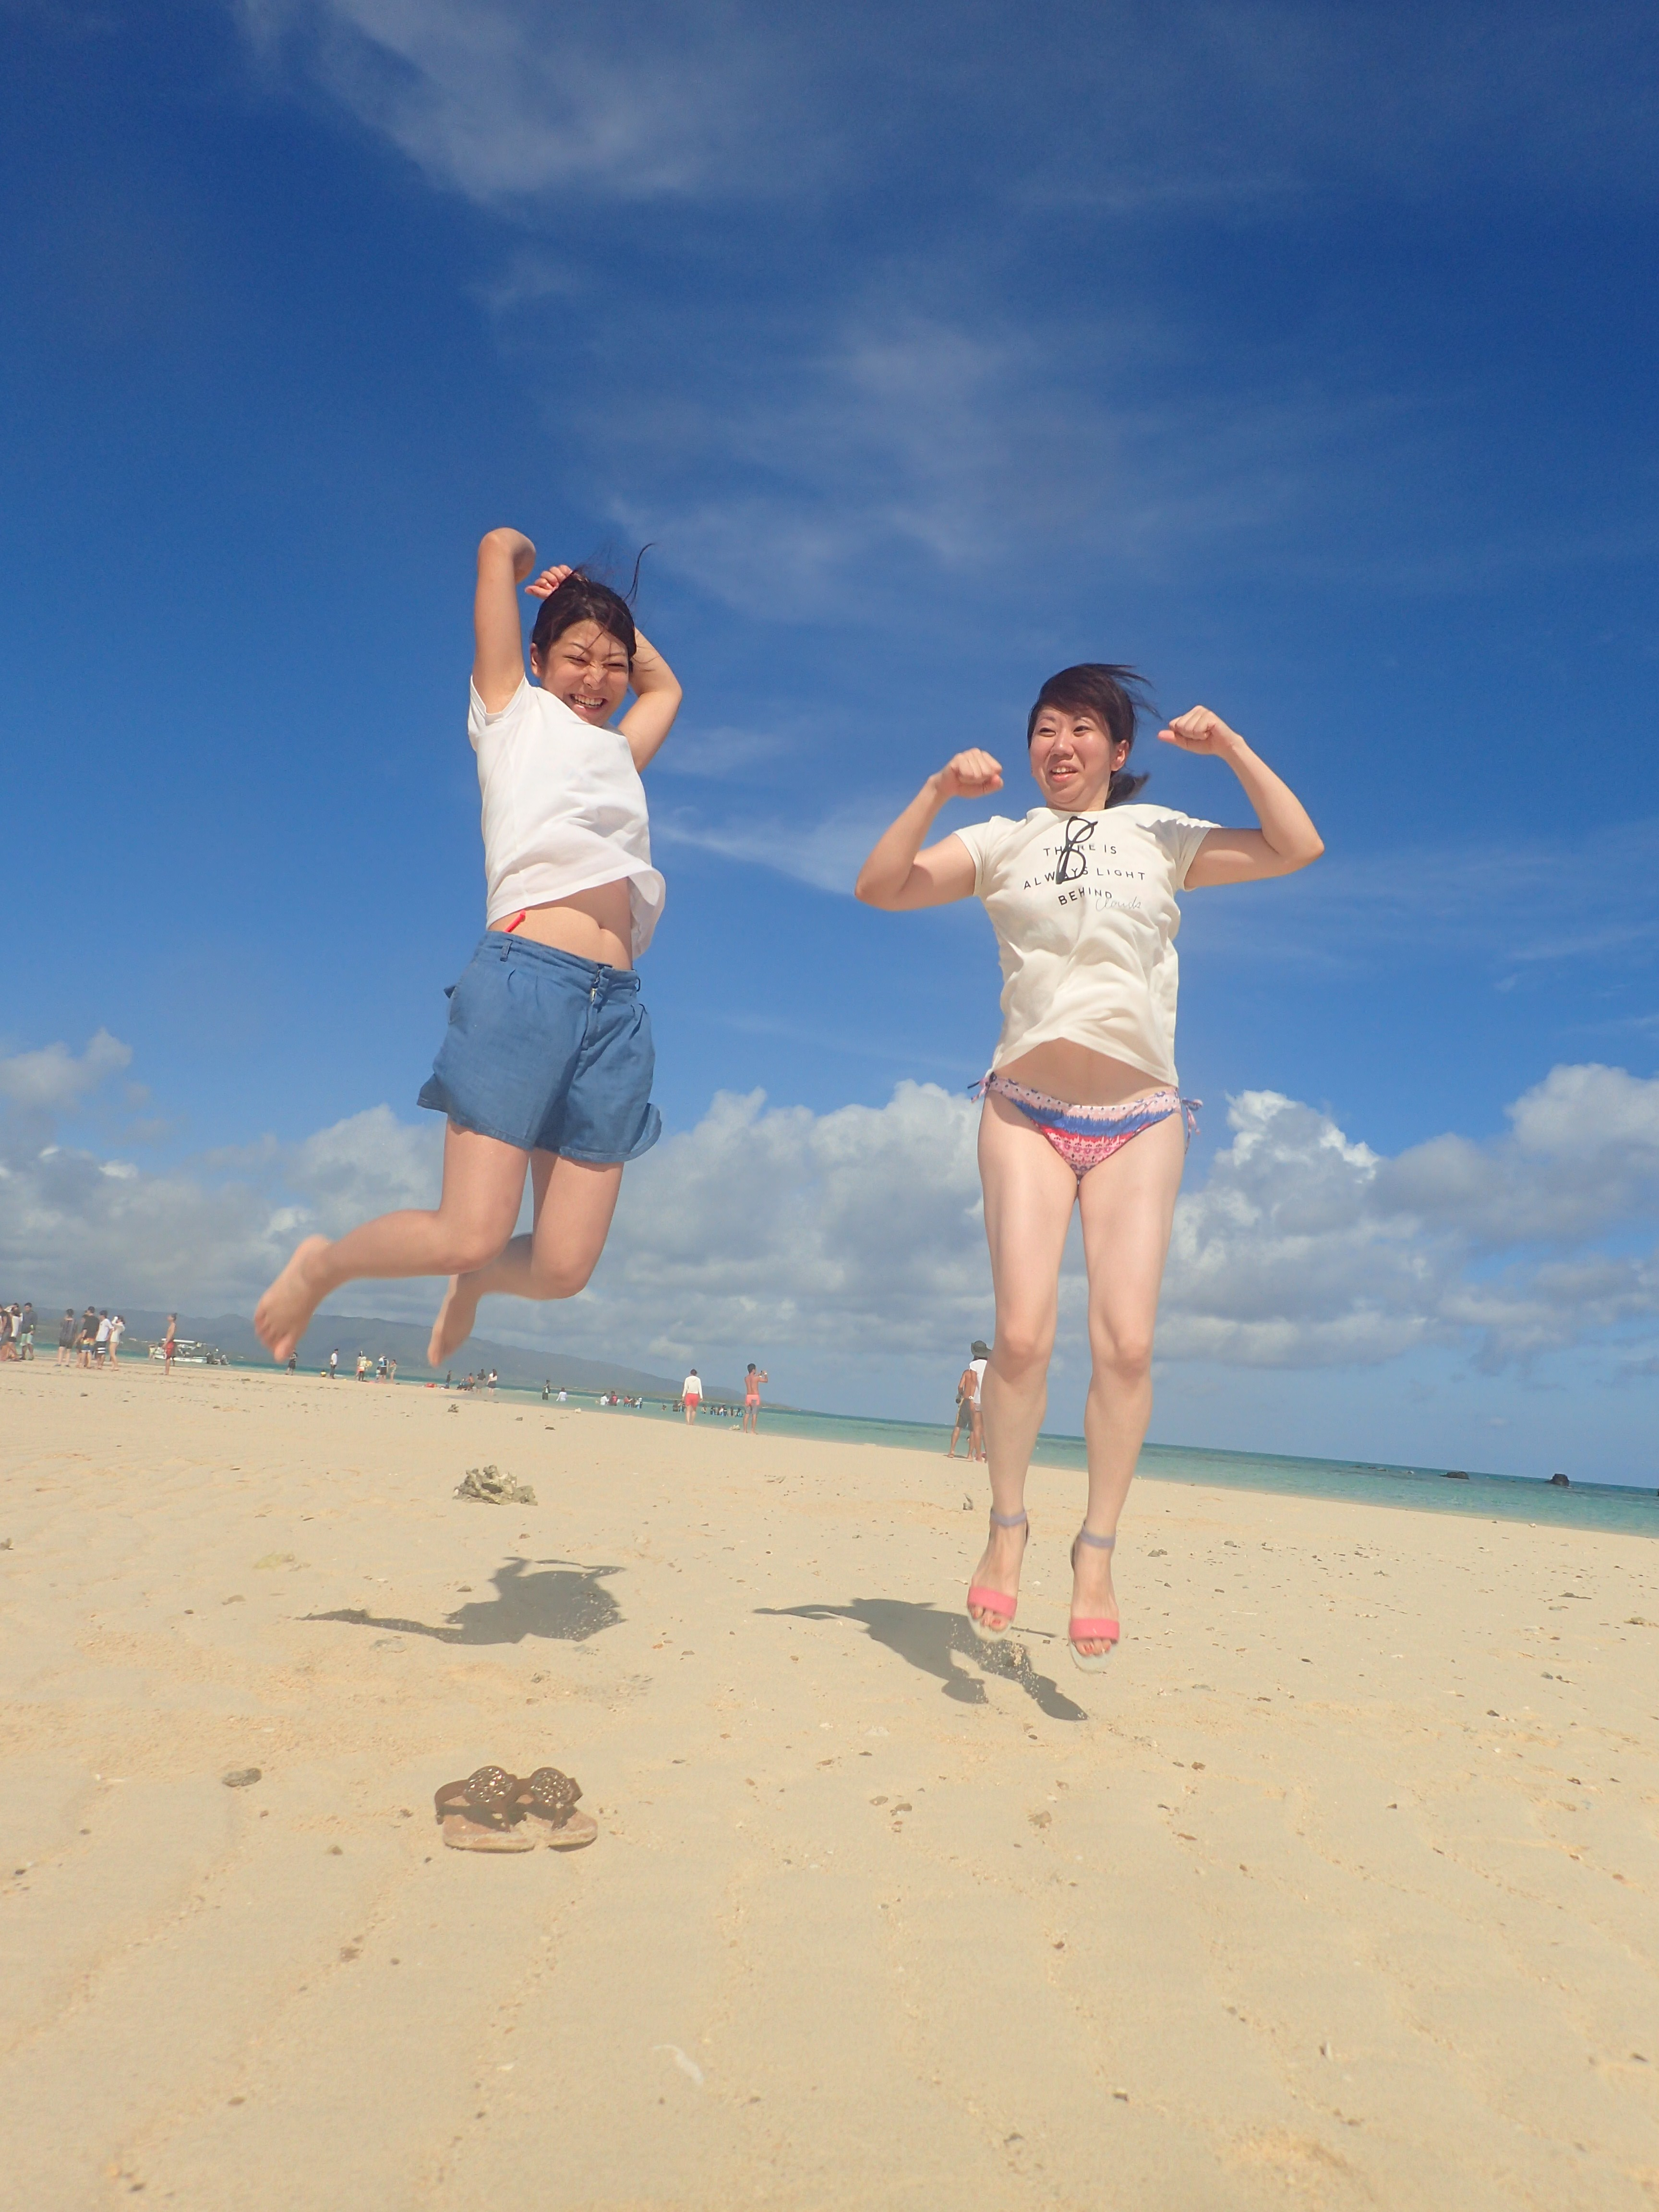 素人女性の水着 フェト☆37フェト [無断転載禁止]©bbspink.comYouTube動画>4本 ->画像>366枚